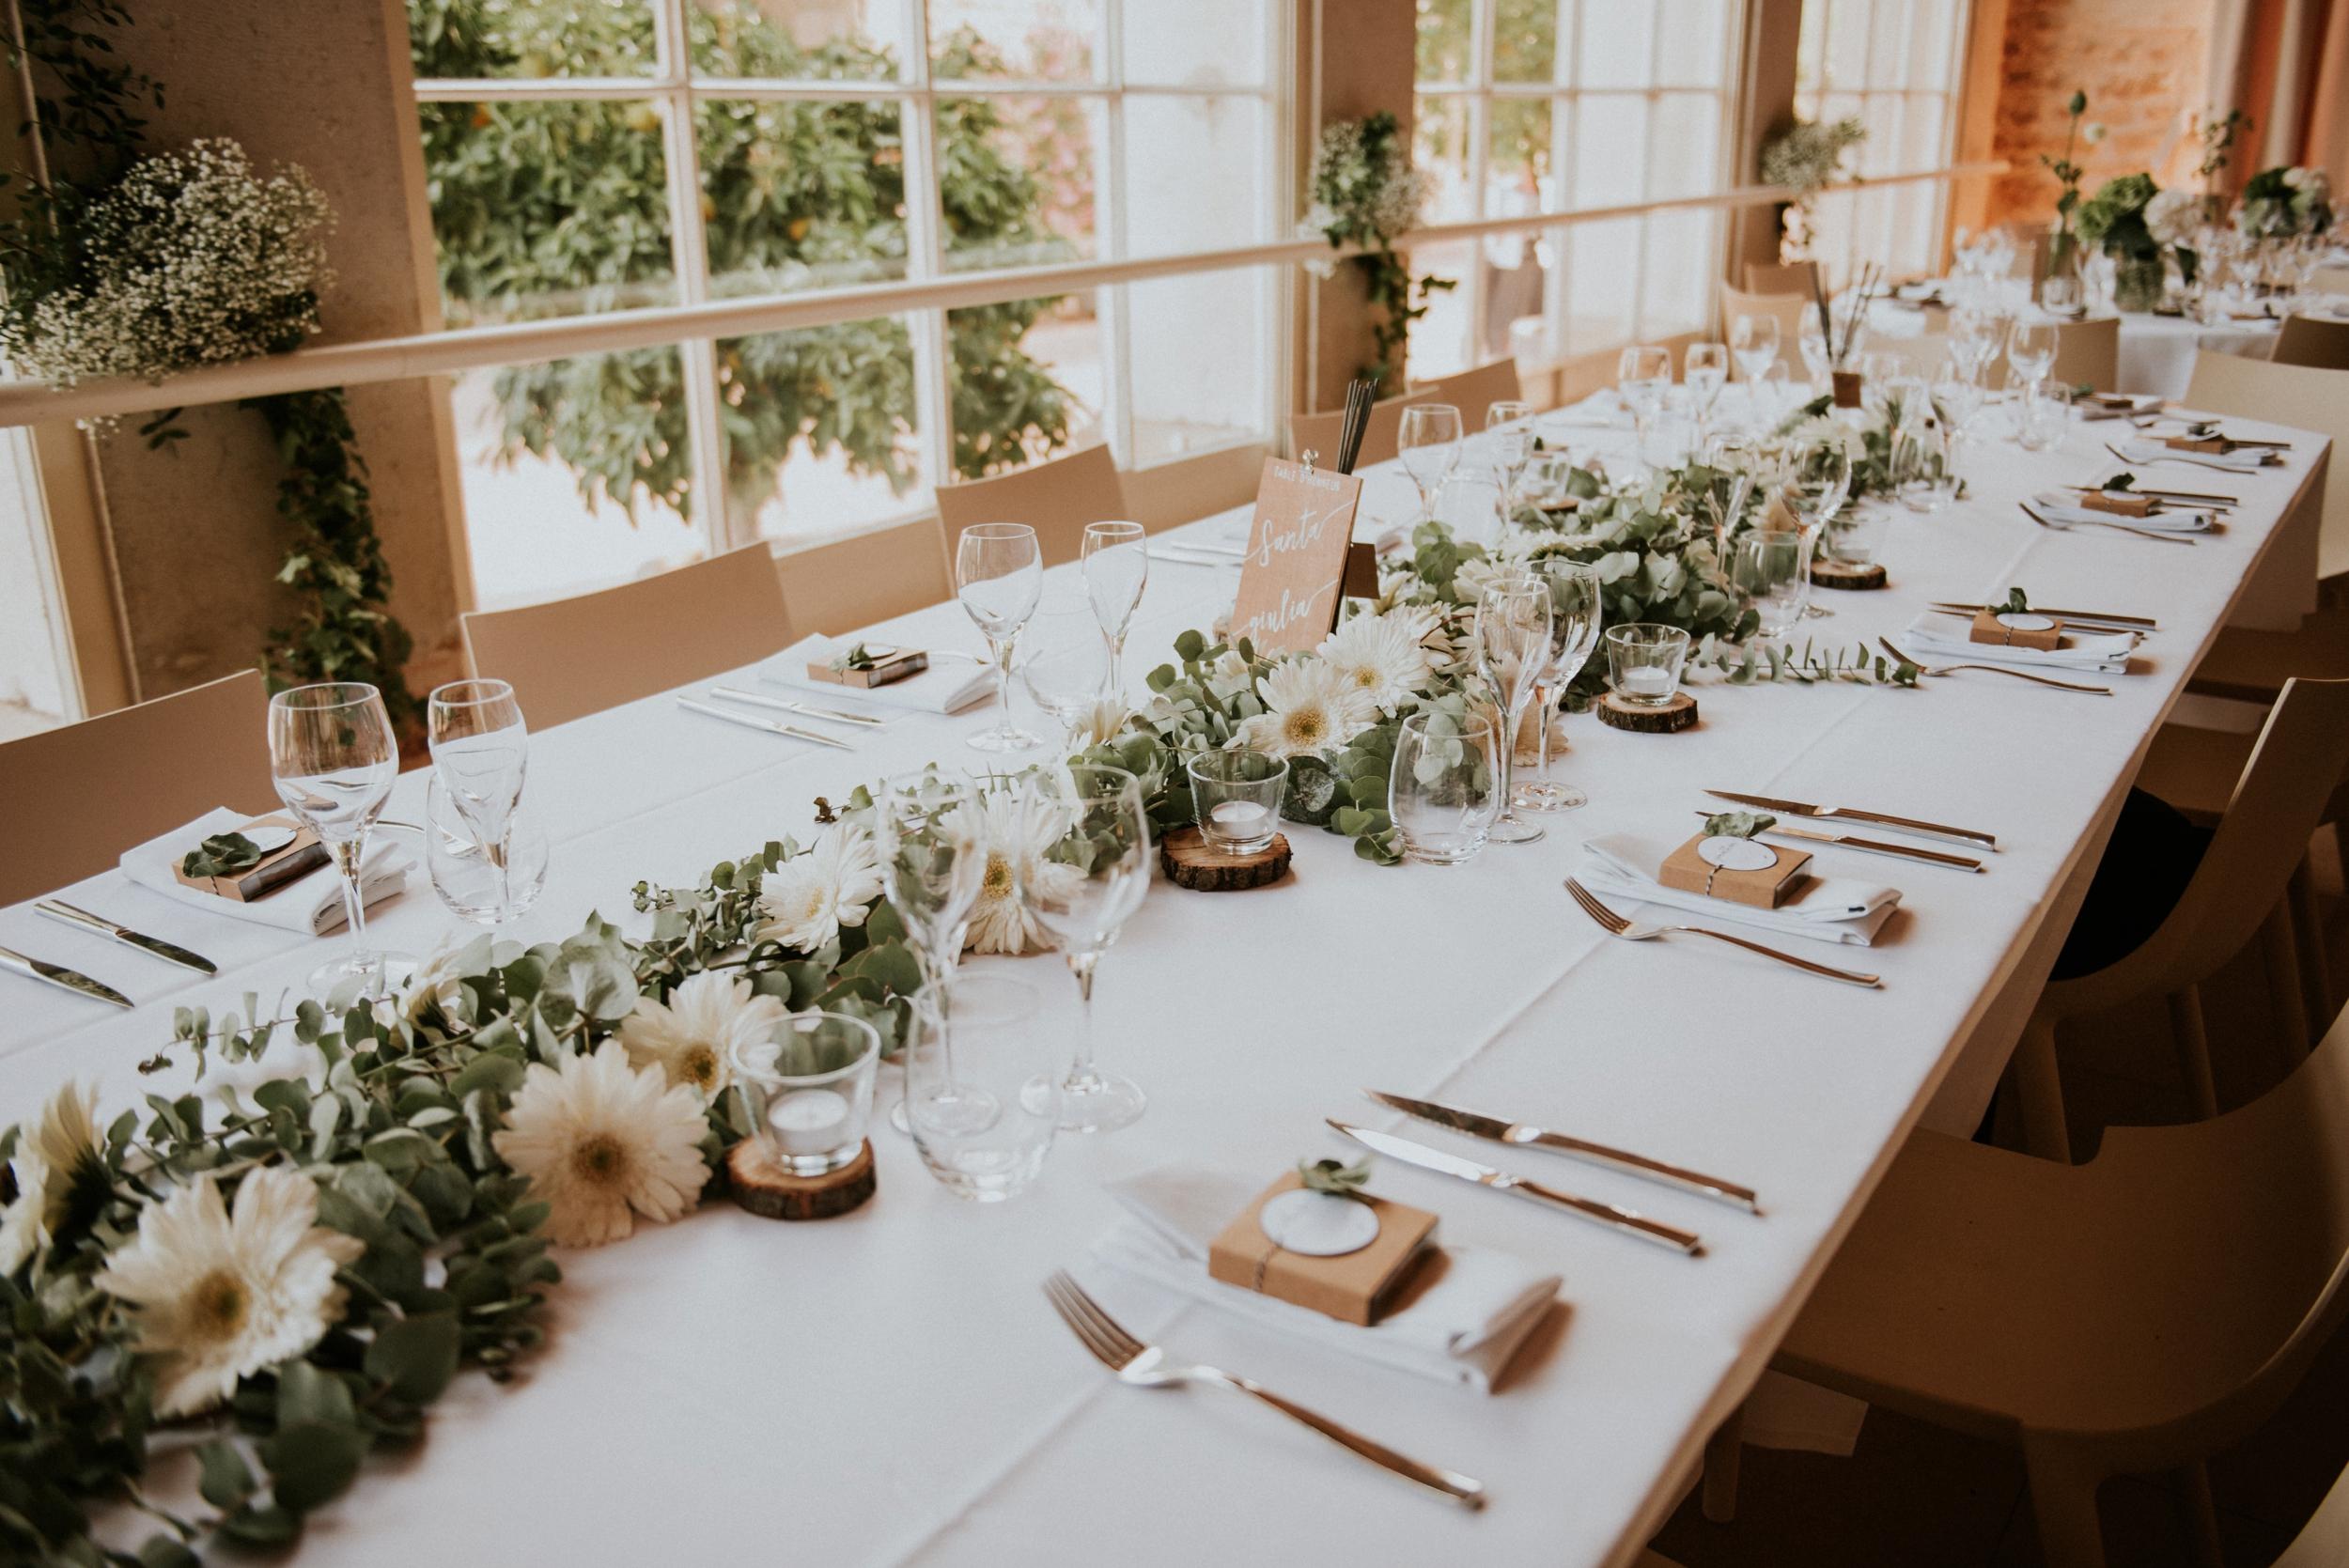 photographe mariage rhone alpes grenoble lyon annecy geneve montagne ceremonie laique_0039